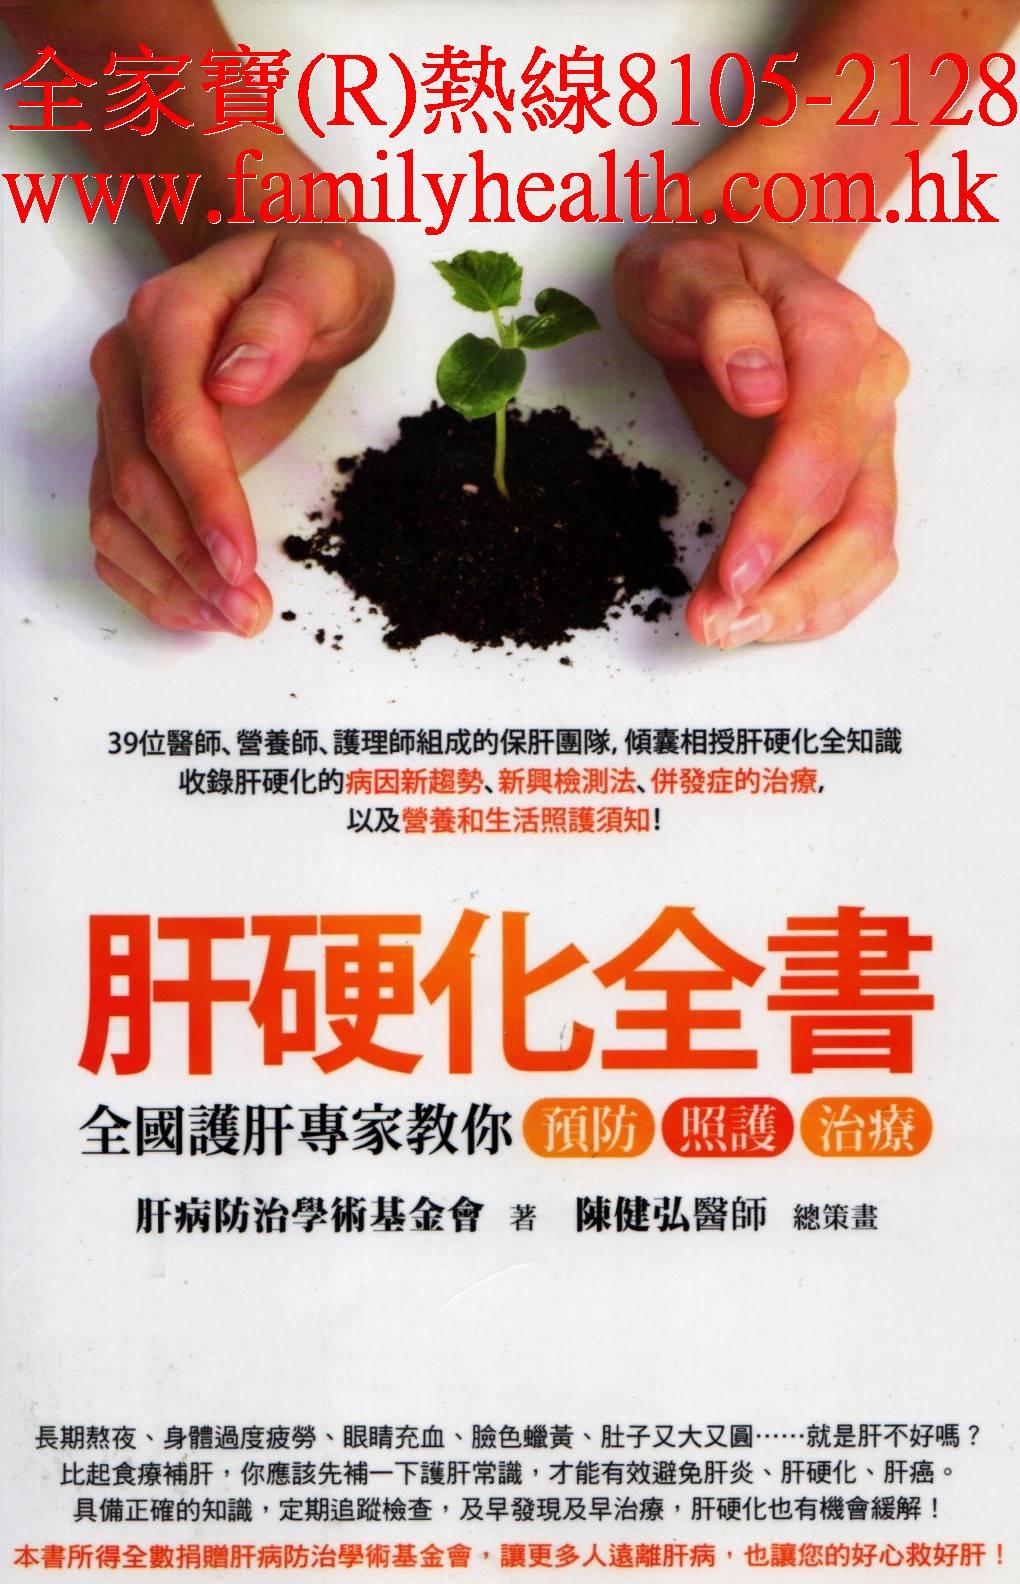 http://www.familyhealth.com.hk/files/full/1058_0.jpg